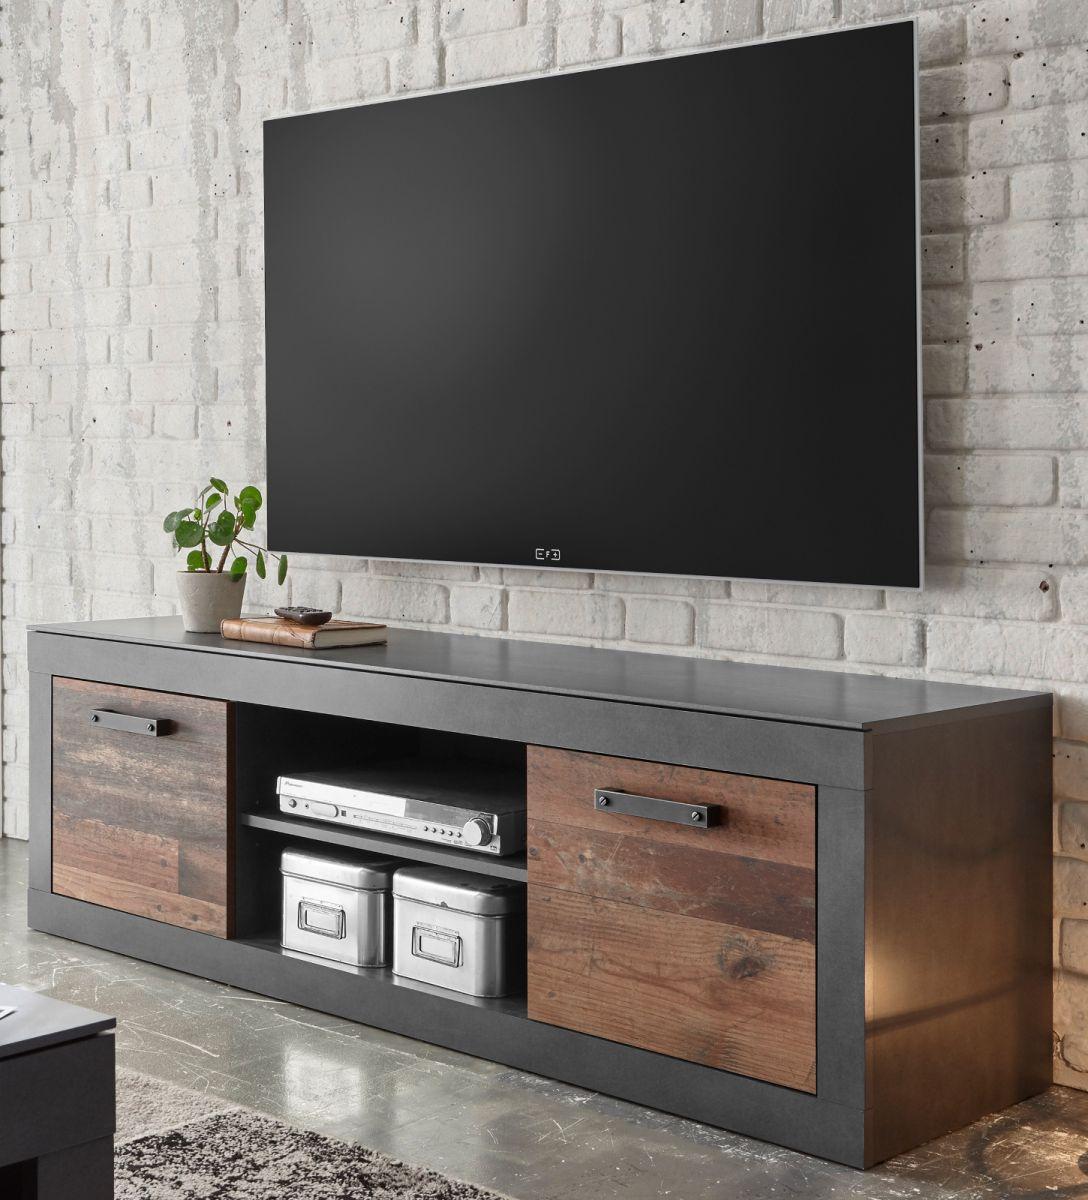 TV-Lowboard Ward in Used Wood Shabby und Matera grau 153 x 51 cm